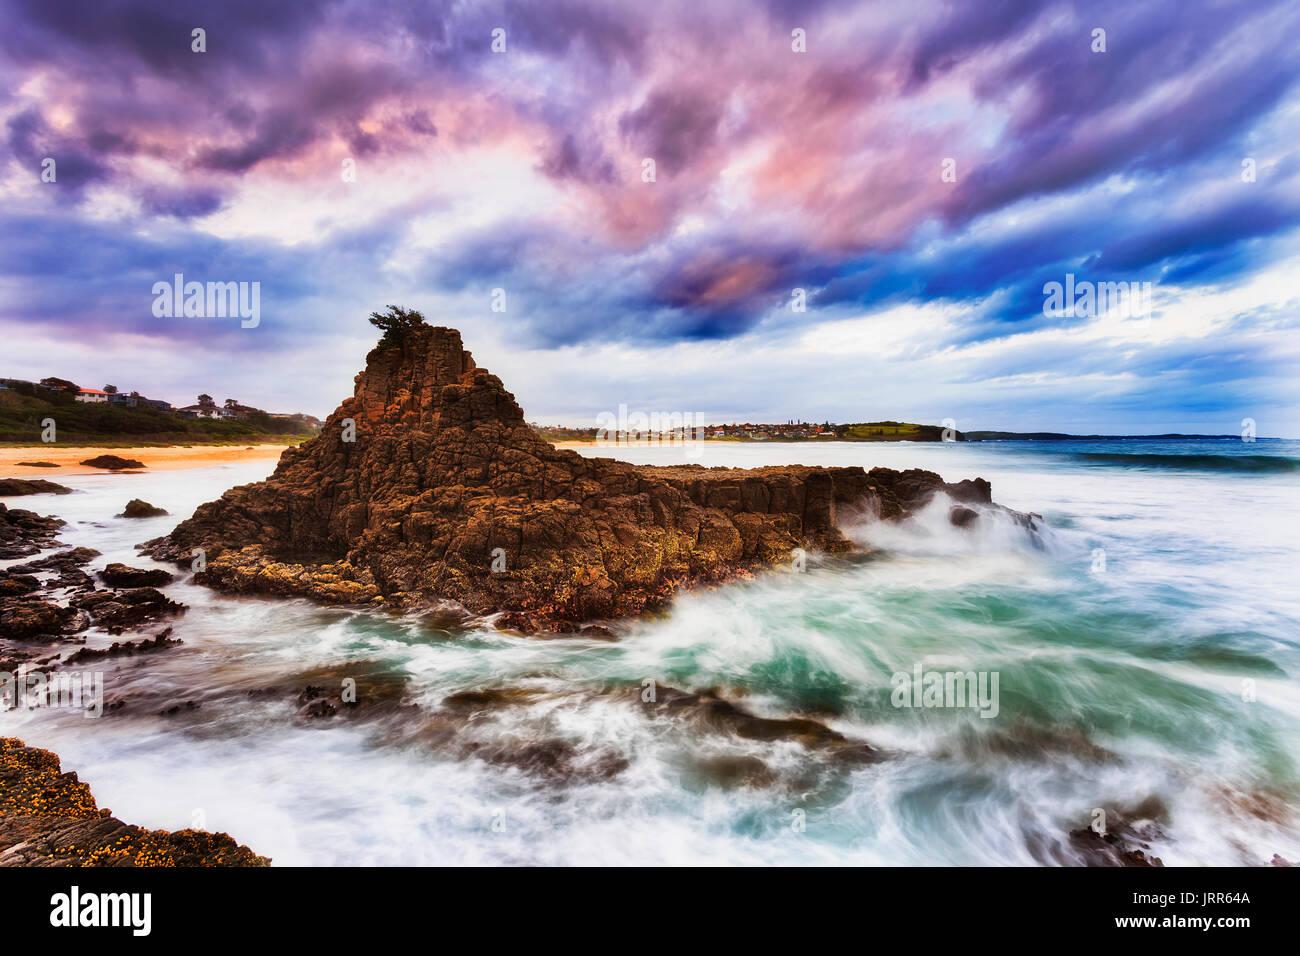 Robusto eroso staccato scogliera rocciosa off Kiama Bombo Beach sulla costa del Pacifico in Australia al tramonto con le tempeste. Immagini Stock